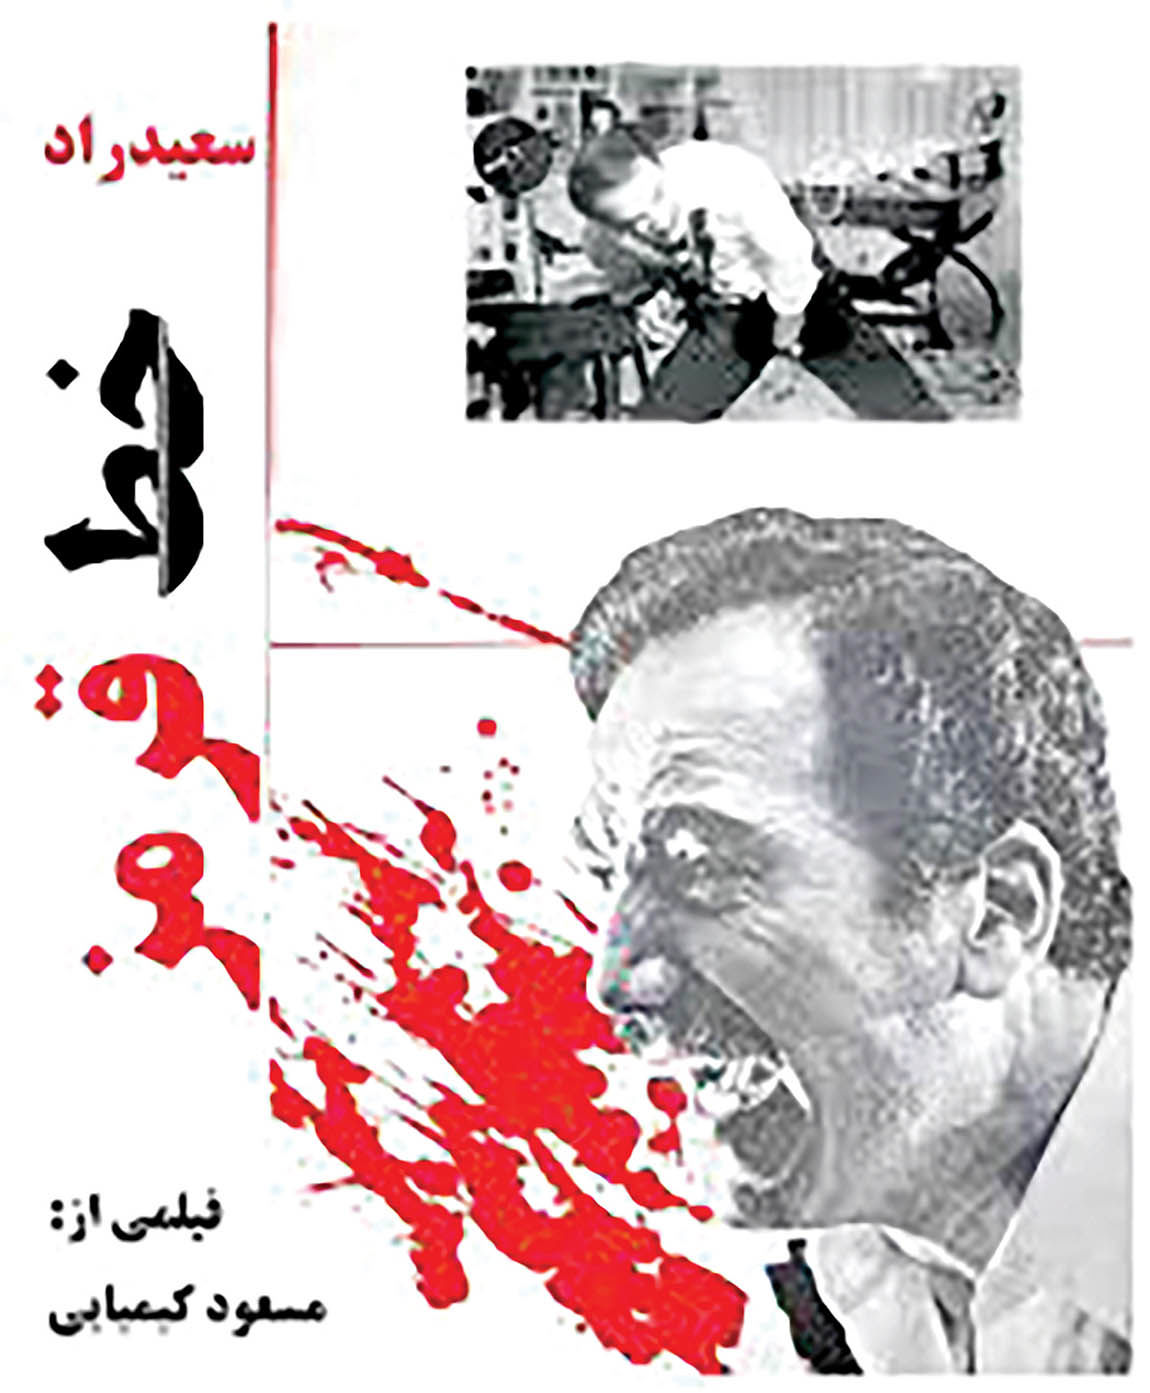 اکران «خط قرمز» مسعود کیمیایی در خانه سینما